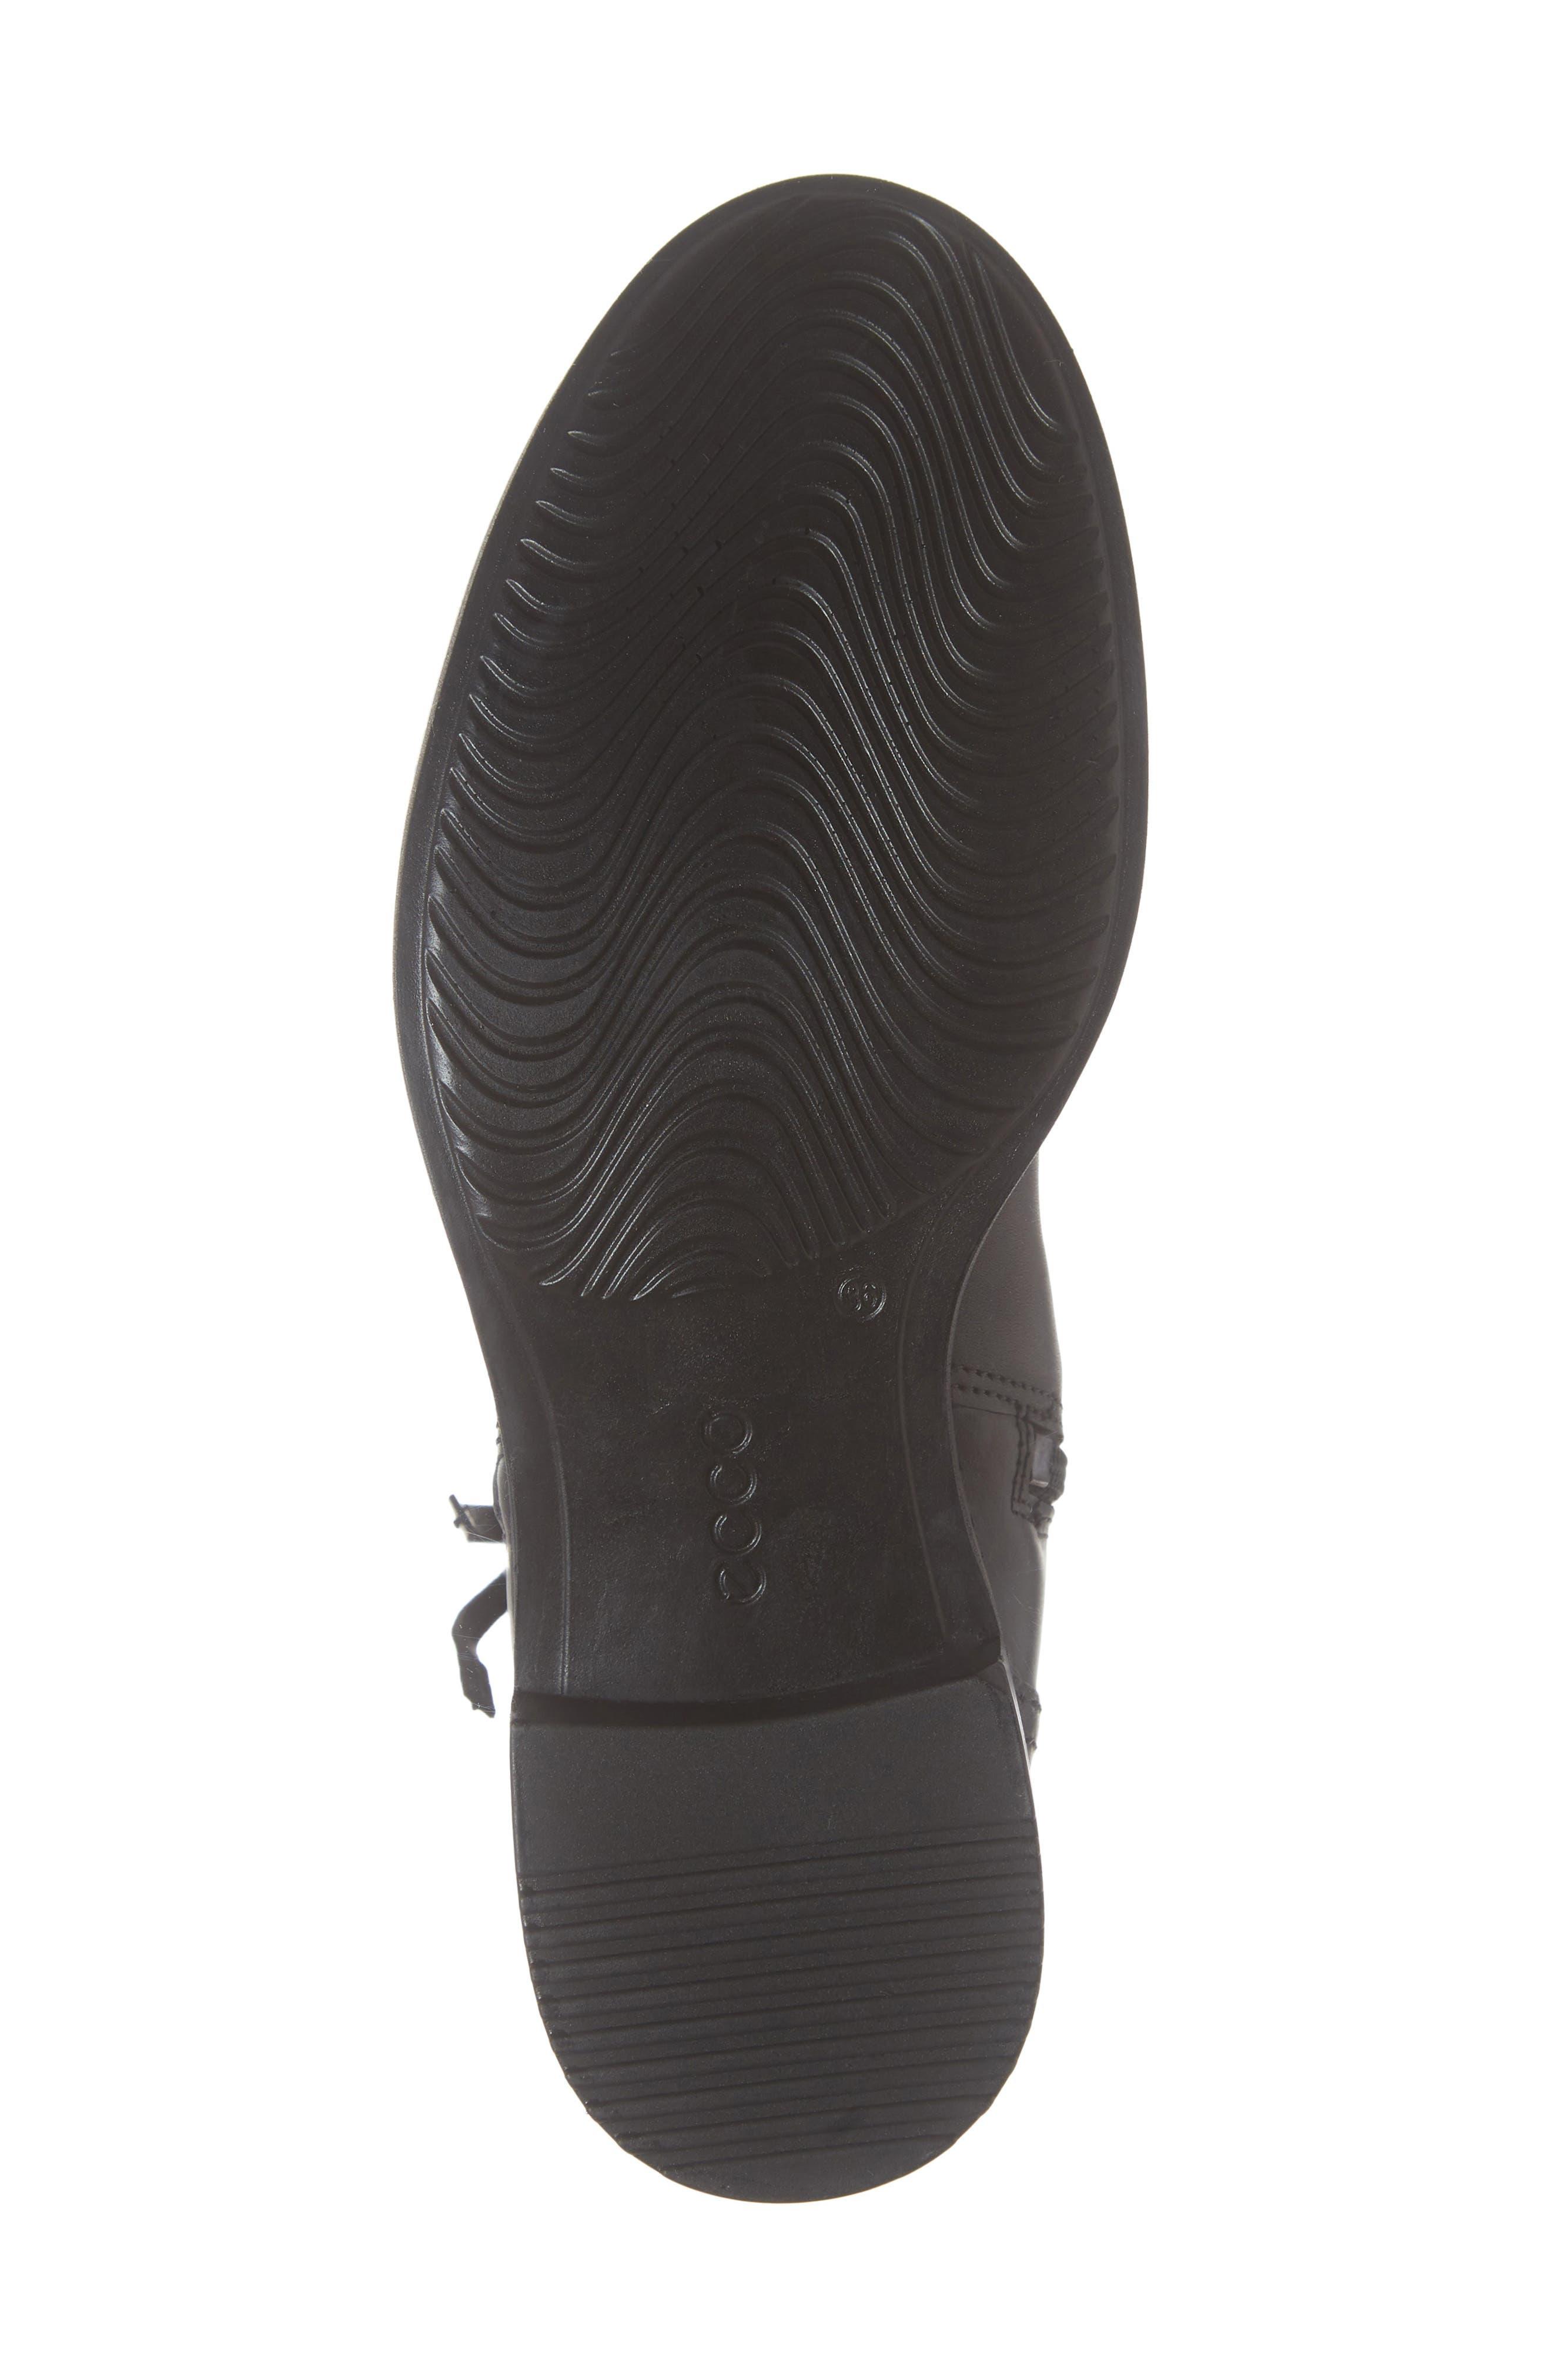 Sartorelle Shape 25 Ankle Bootie,                             Alternate thumbnail 6, color,                             006